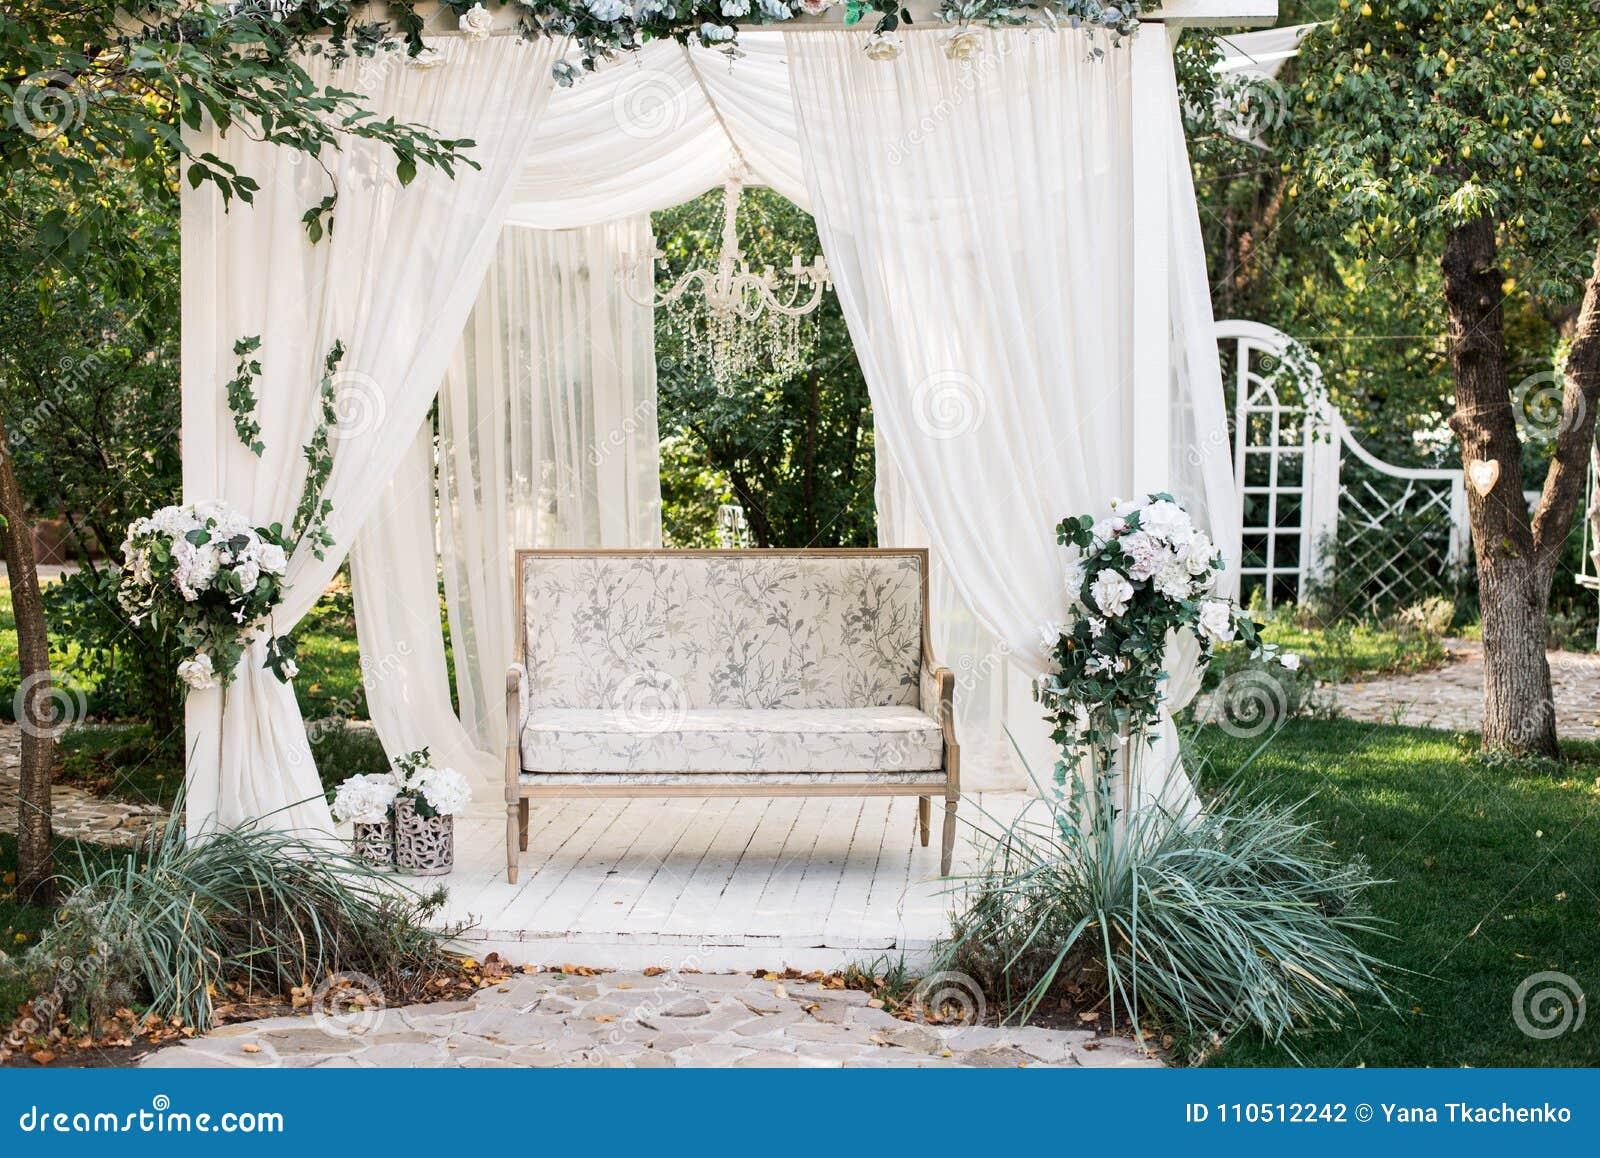 In de tuin is er een podium waarop een mooie witte bank in de stijl van de Provence of plattelander Boven de bank is een boog met